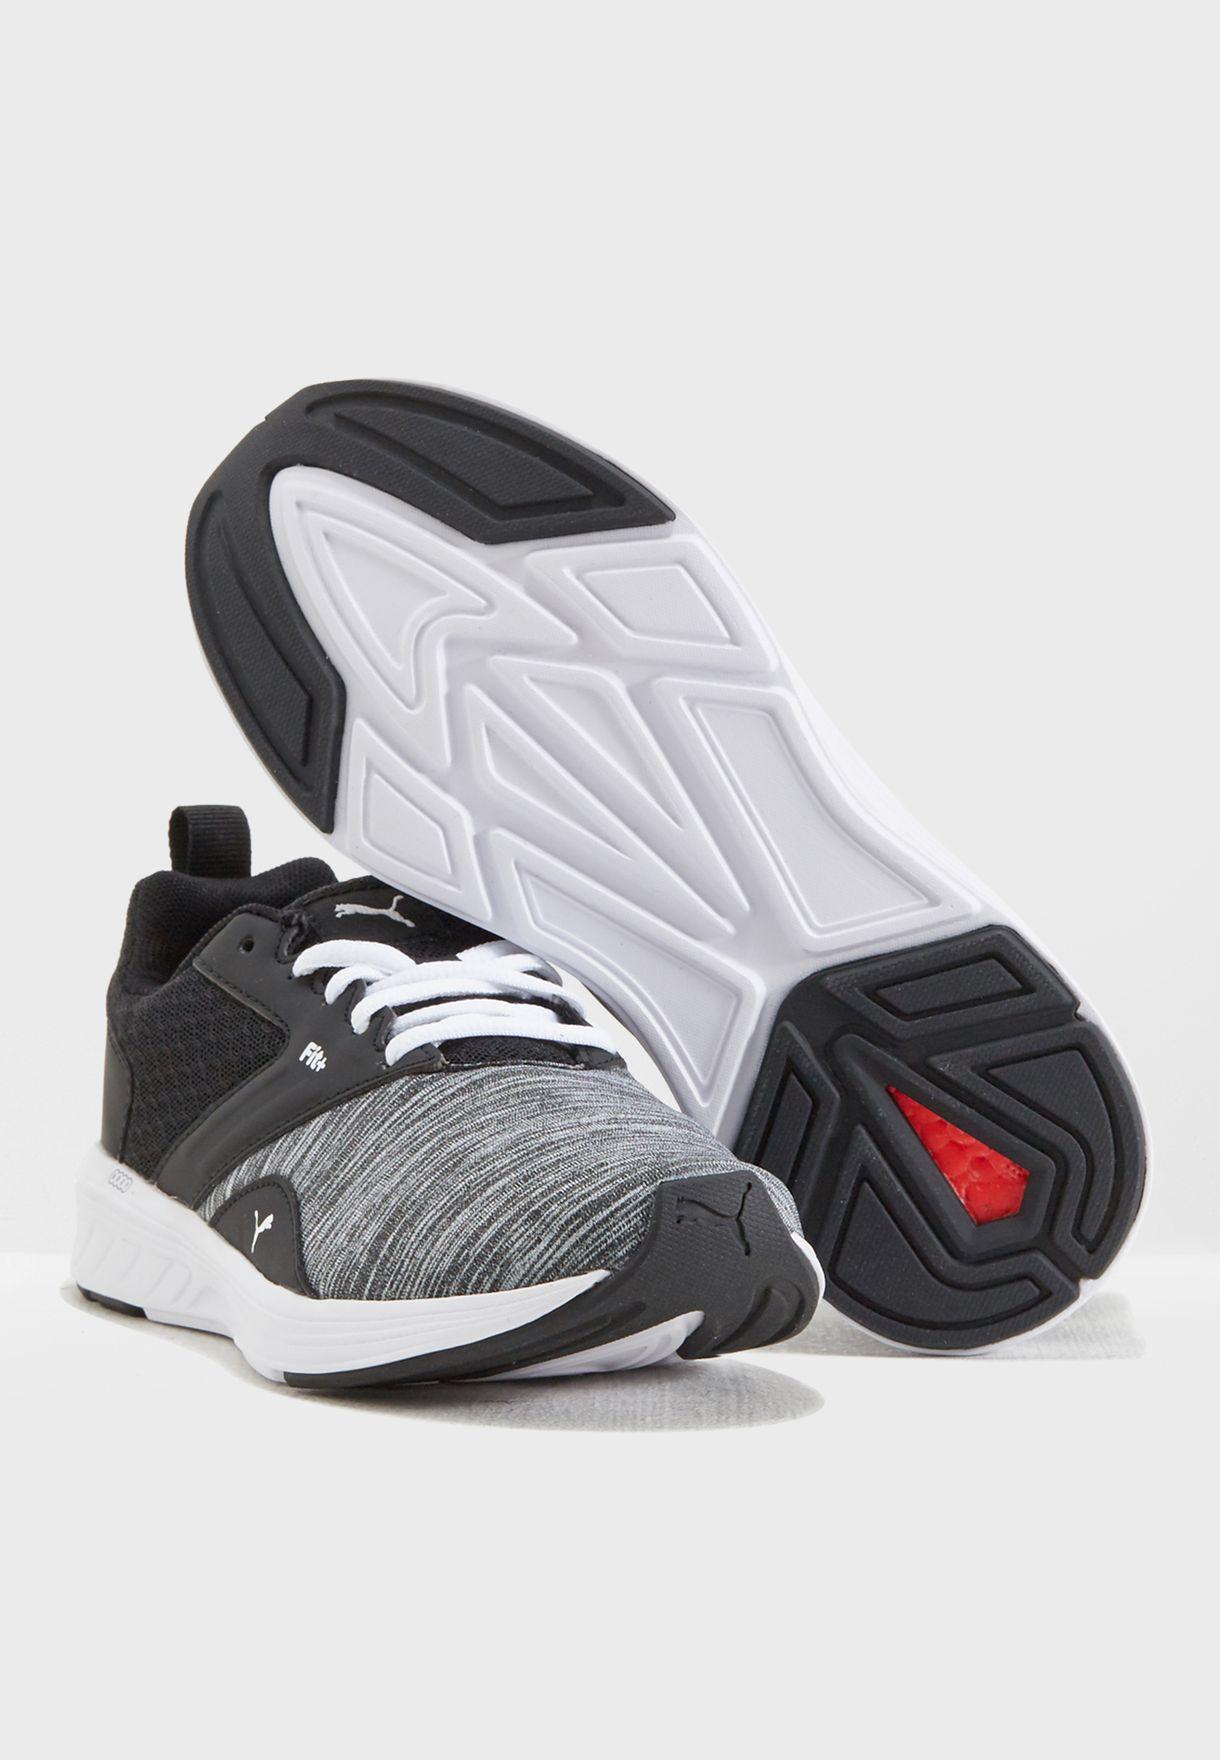 حذاء كوميت NRGY للشباب